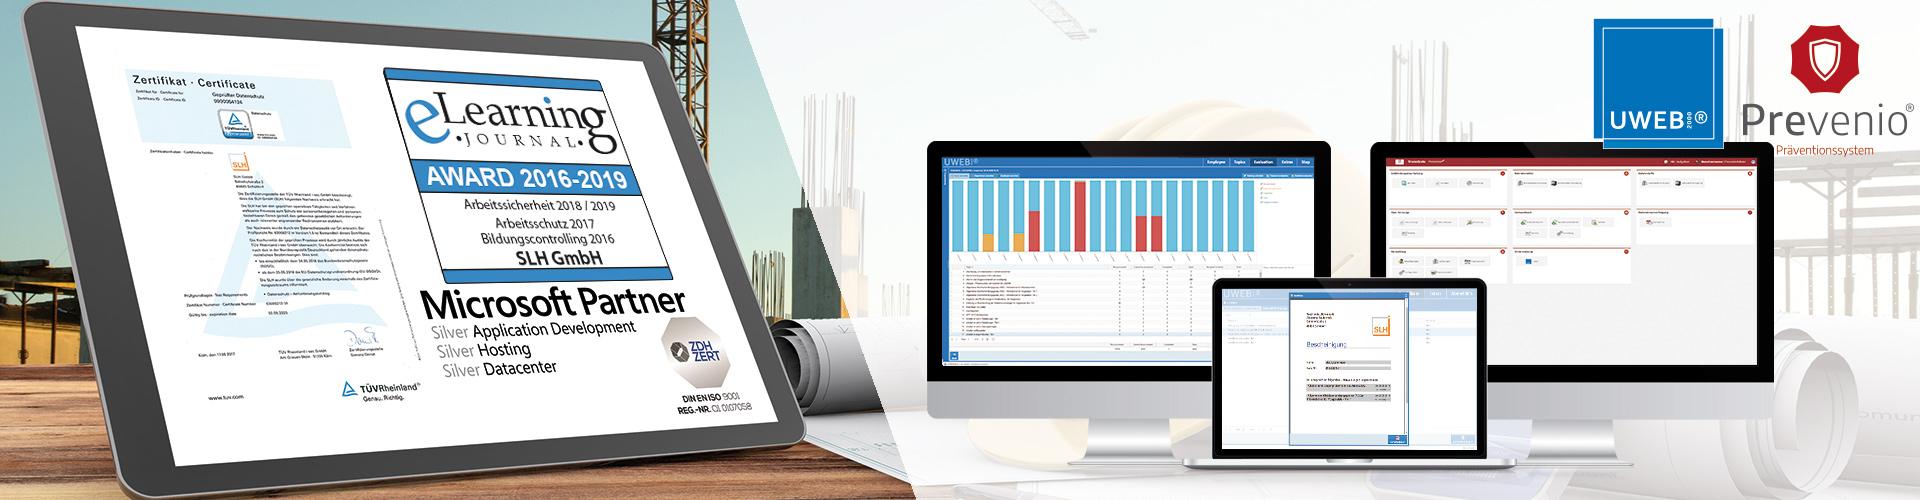 Die SLH GmbH bieten verschiedene Softwarelösungen im Bereich Arbeitssicherheit an.